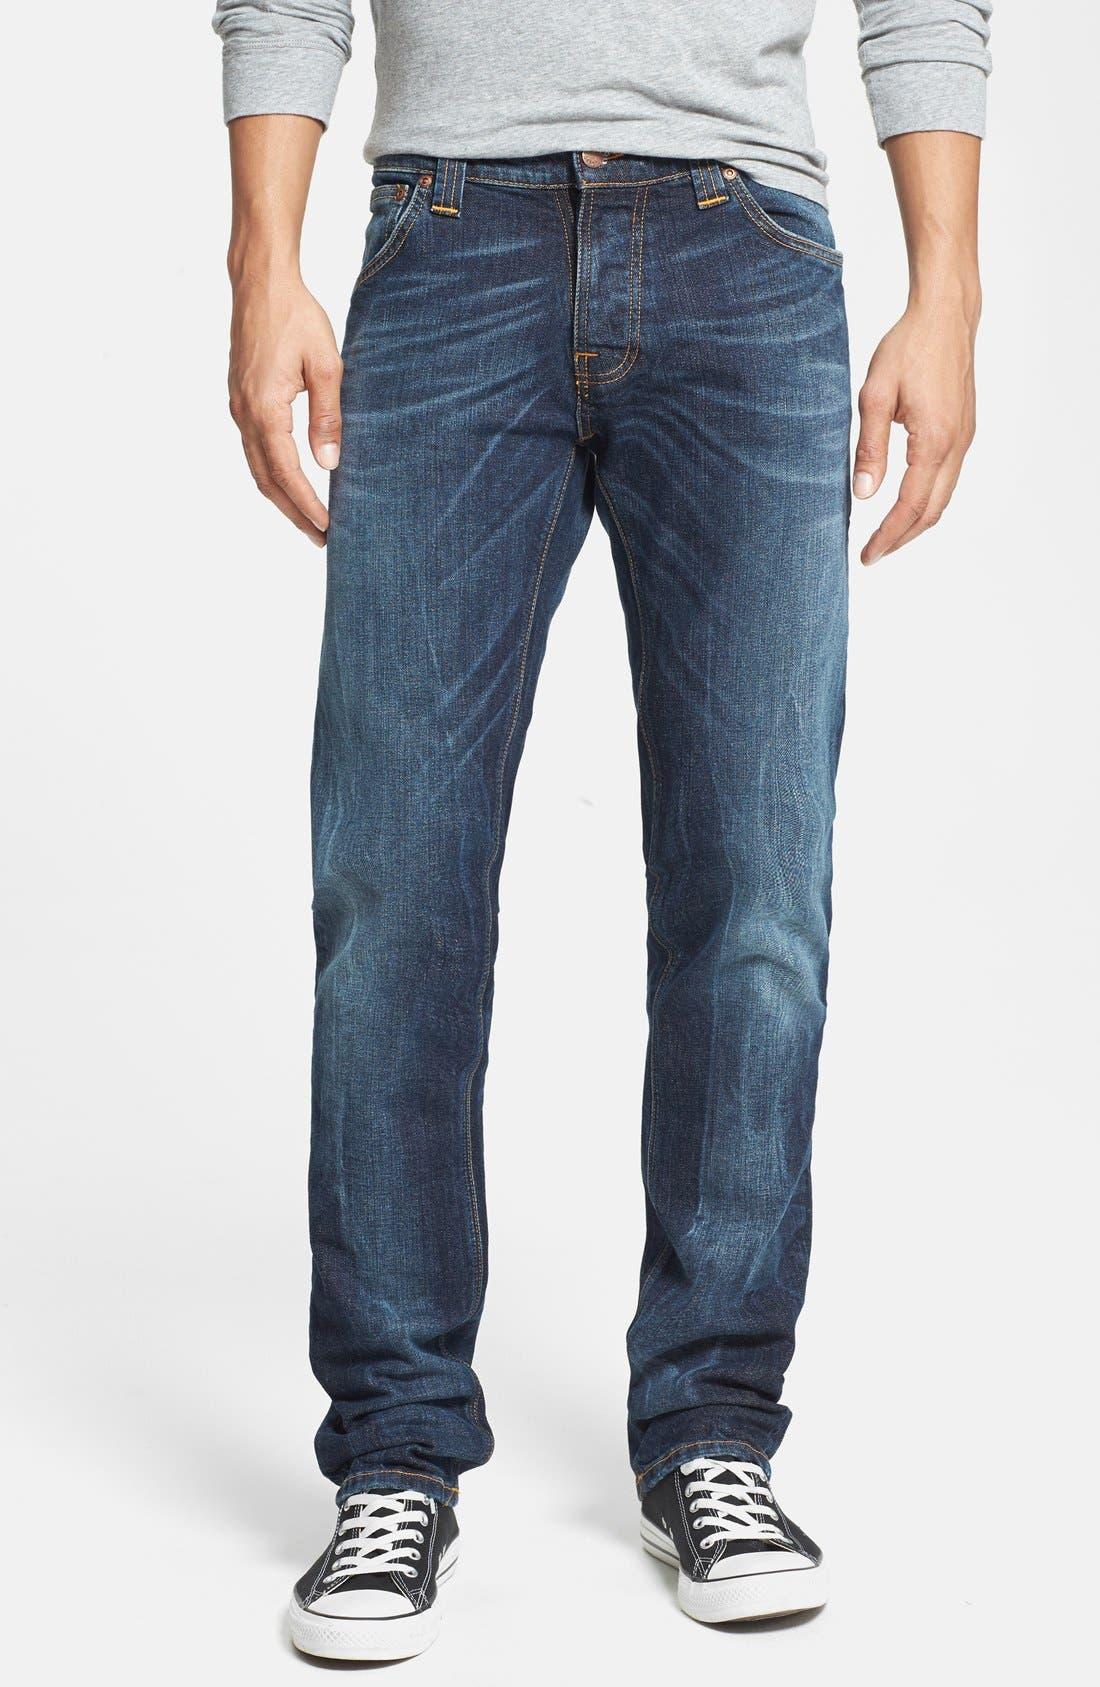 Main Image - Nudie Jeans 'Grim Tim' Skinny Fit Jeans (Organic Clean Dark Blue)